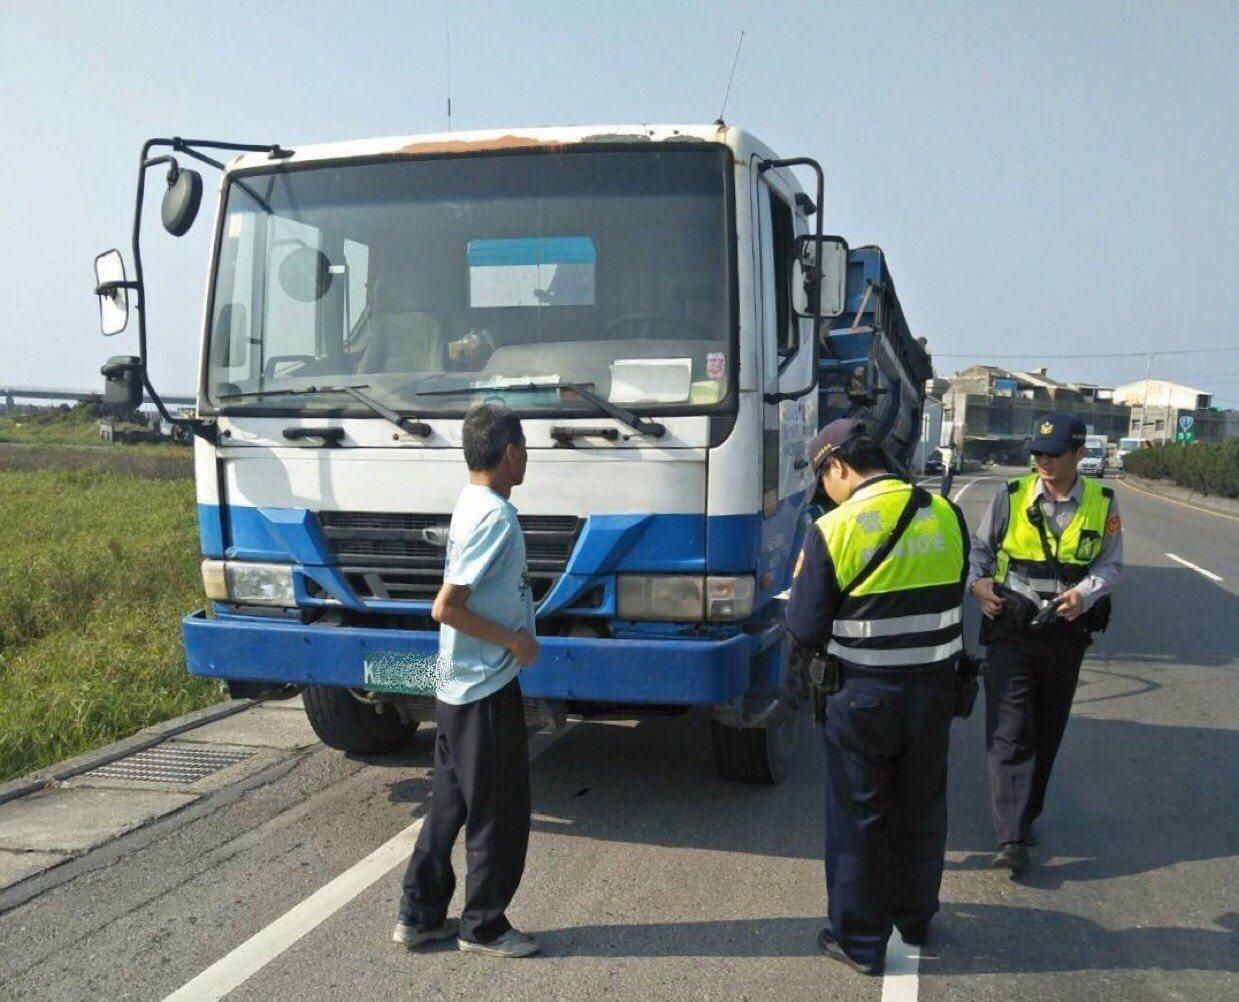 為因應大型車超重、超載危及西濱快速道路高架橋與行車安全問題,彰化警方將從3月起,...